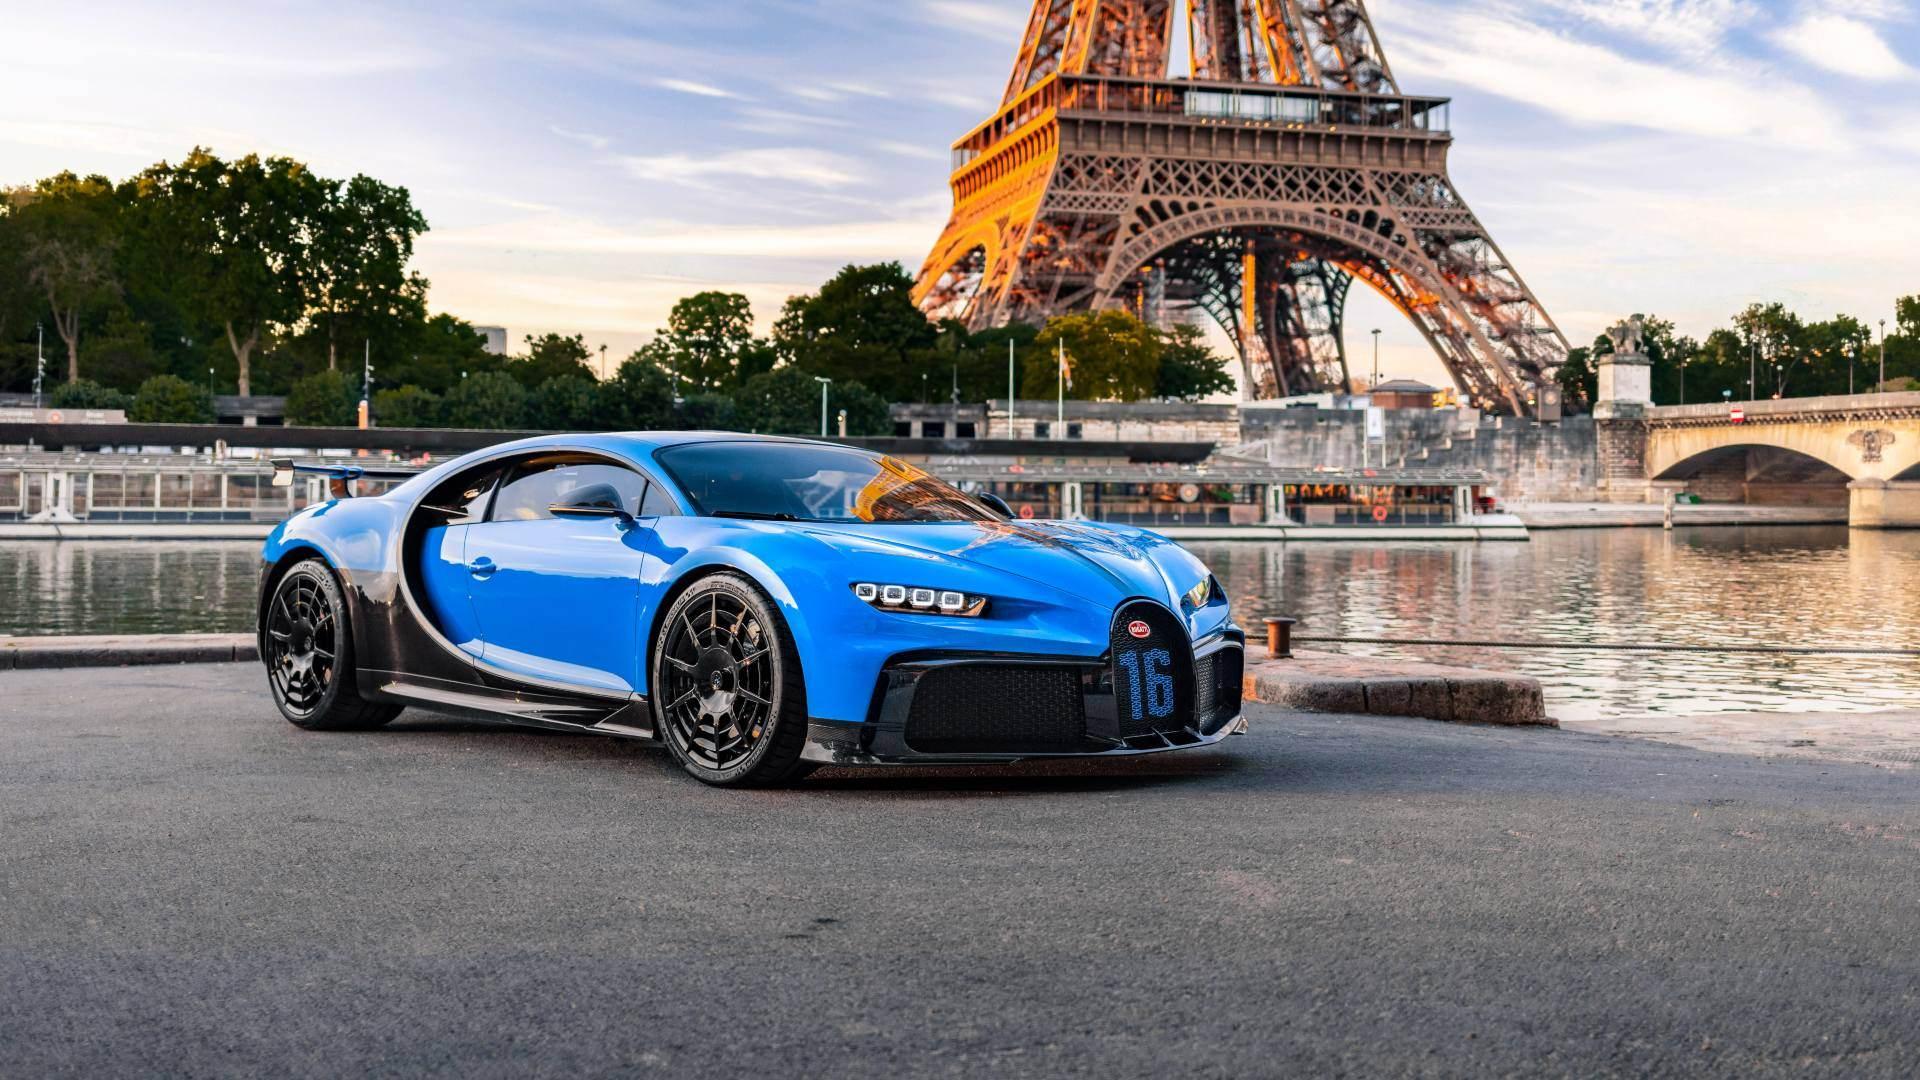 Conoce los secretos del Bugatti Chiron Pur Sport